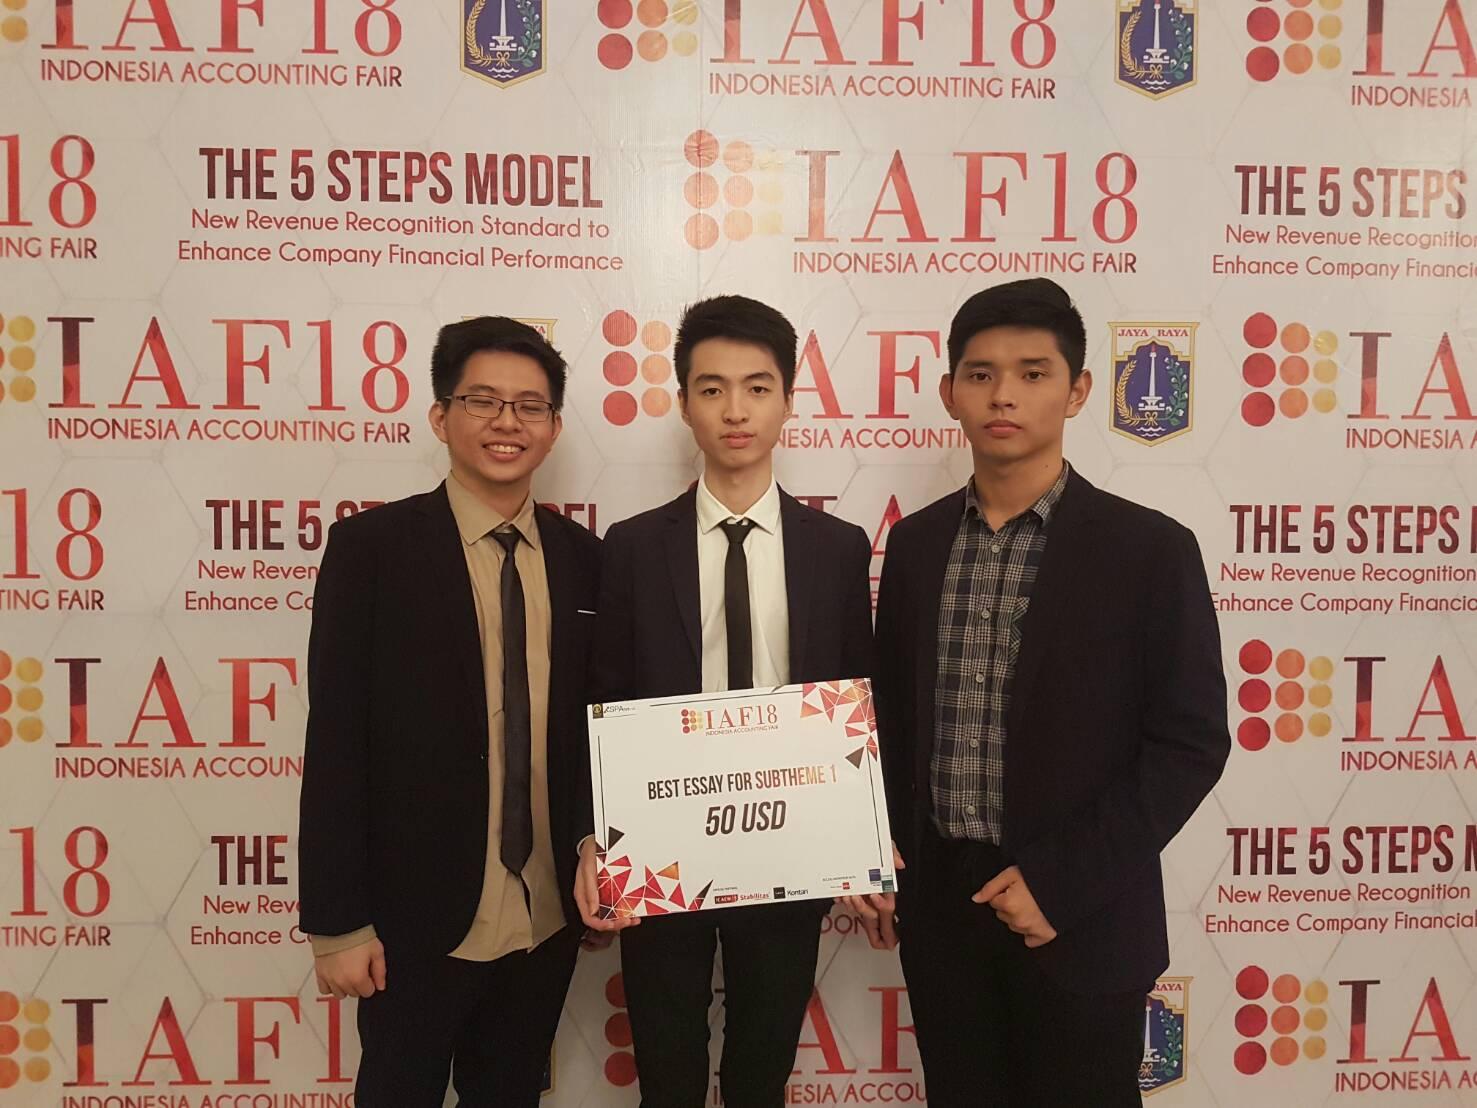 Binus University berhasil meraih Best Essay pada IAF 18